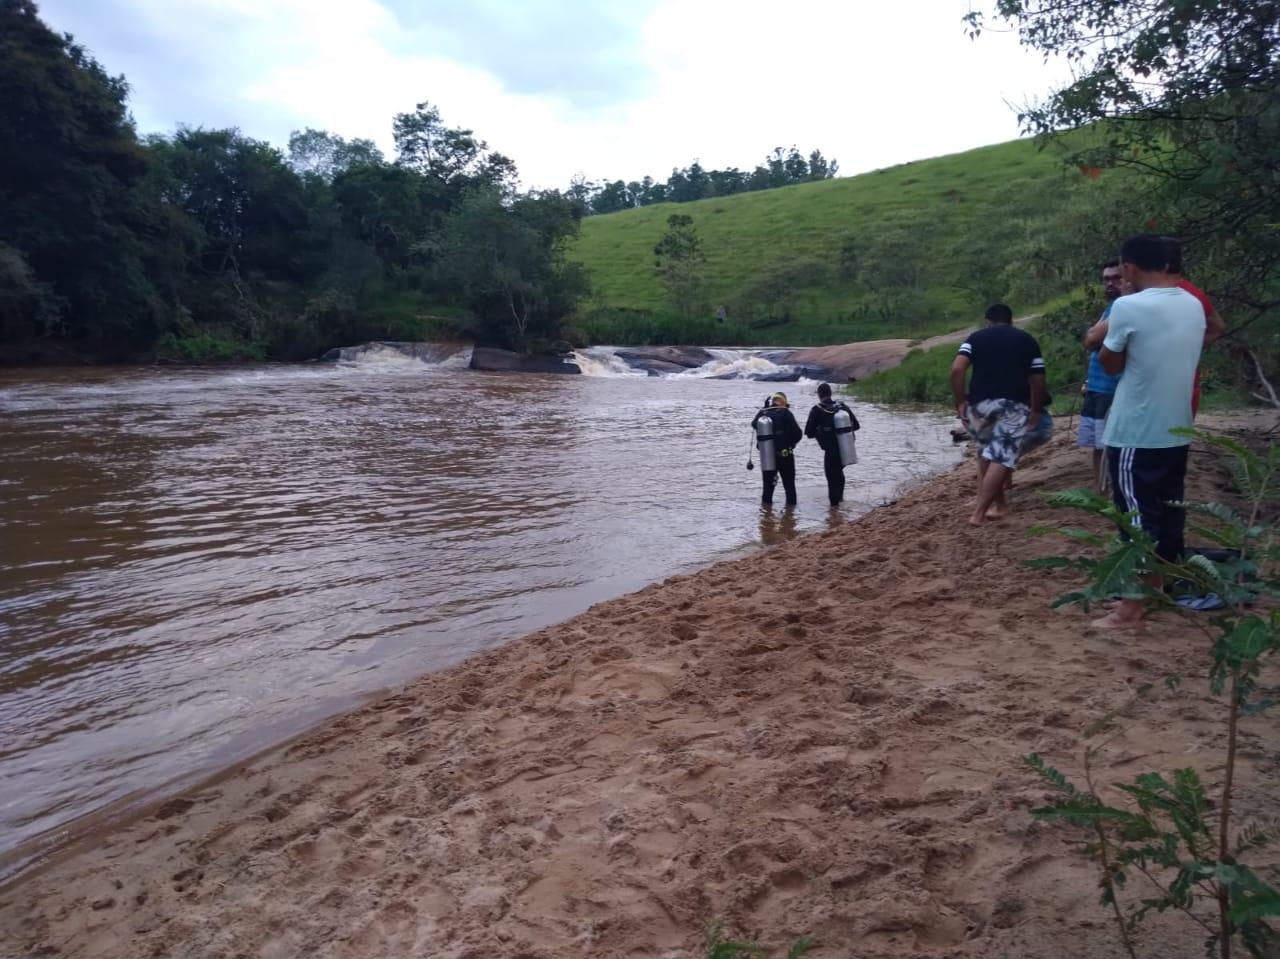 Cachoeira no bairro do Ribeirão, onde criança de 12 anos desapareceu em Cunha